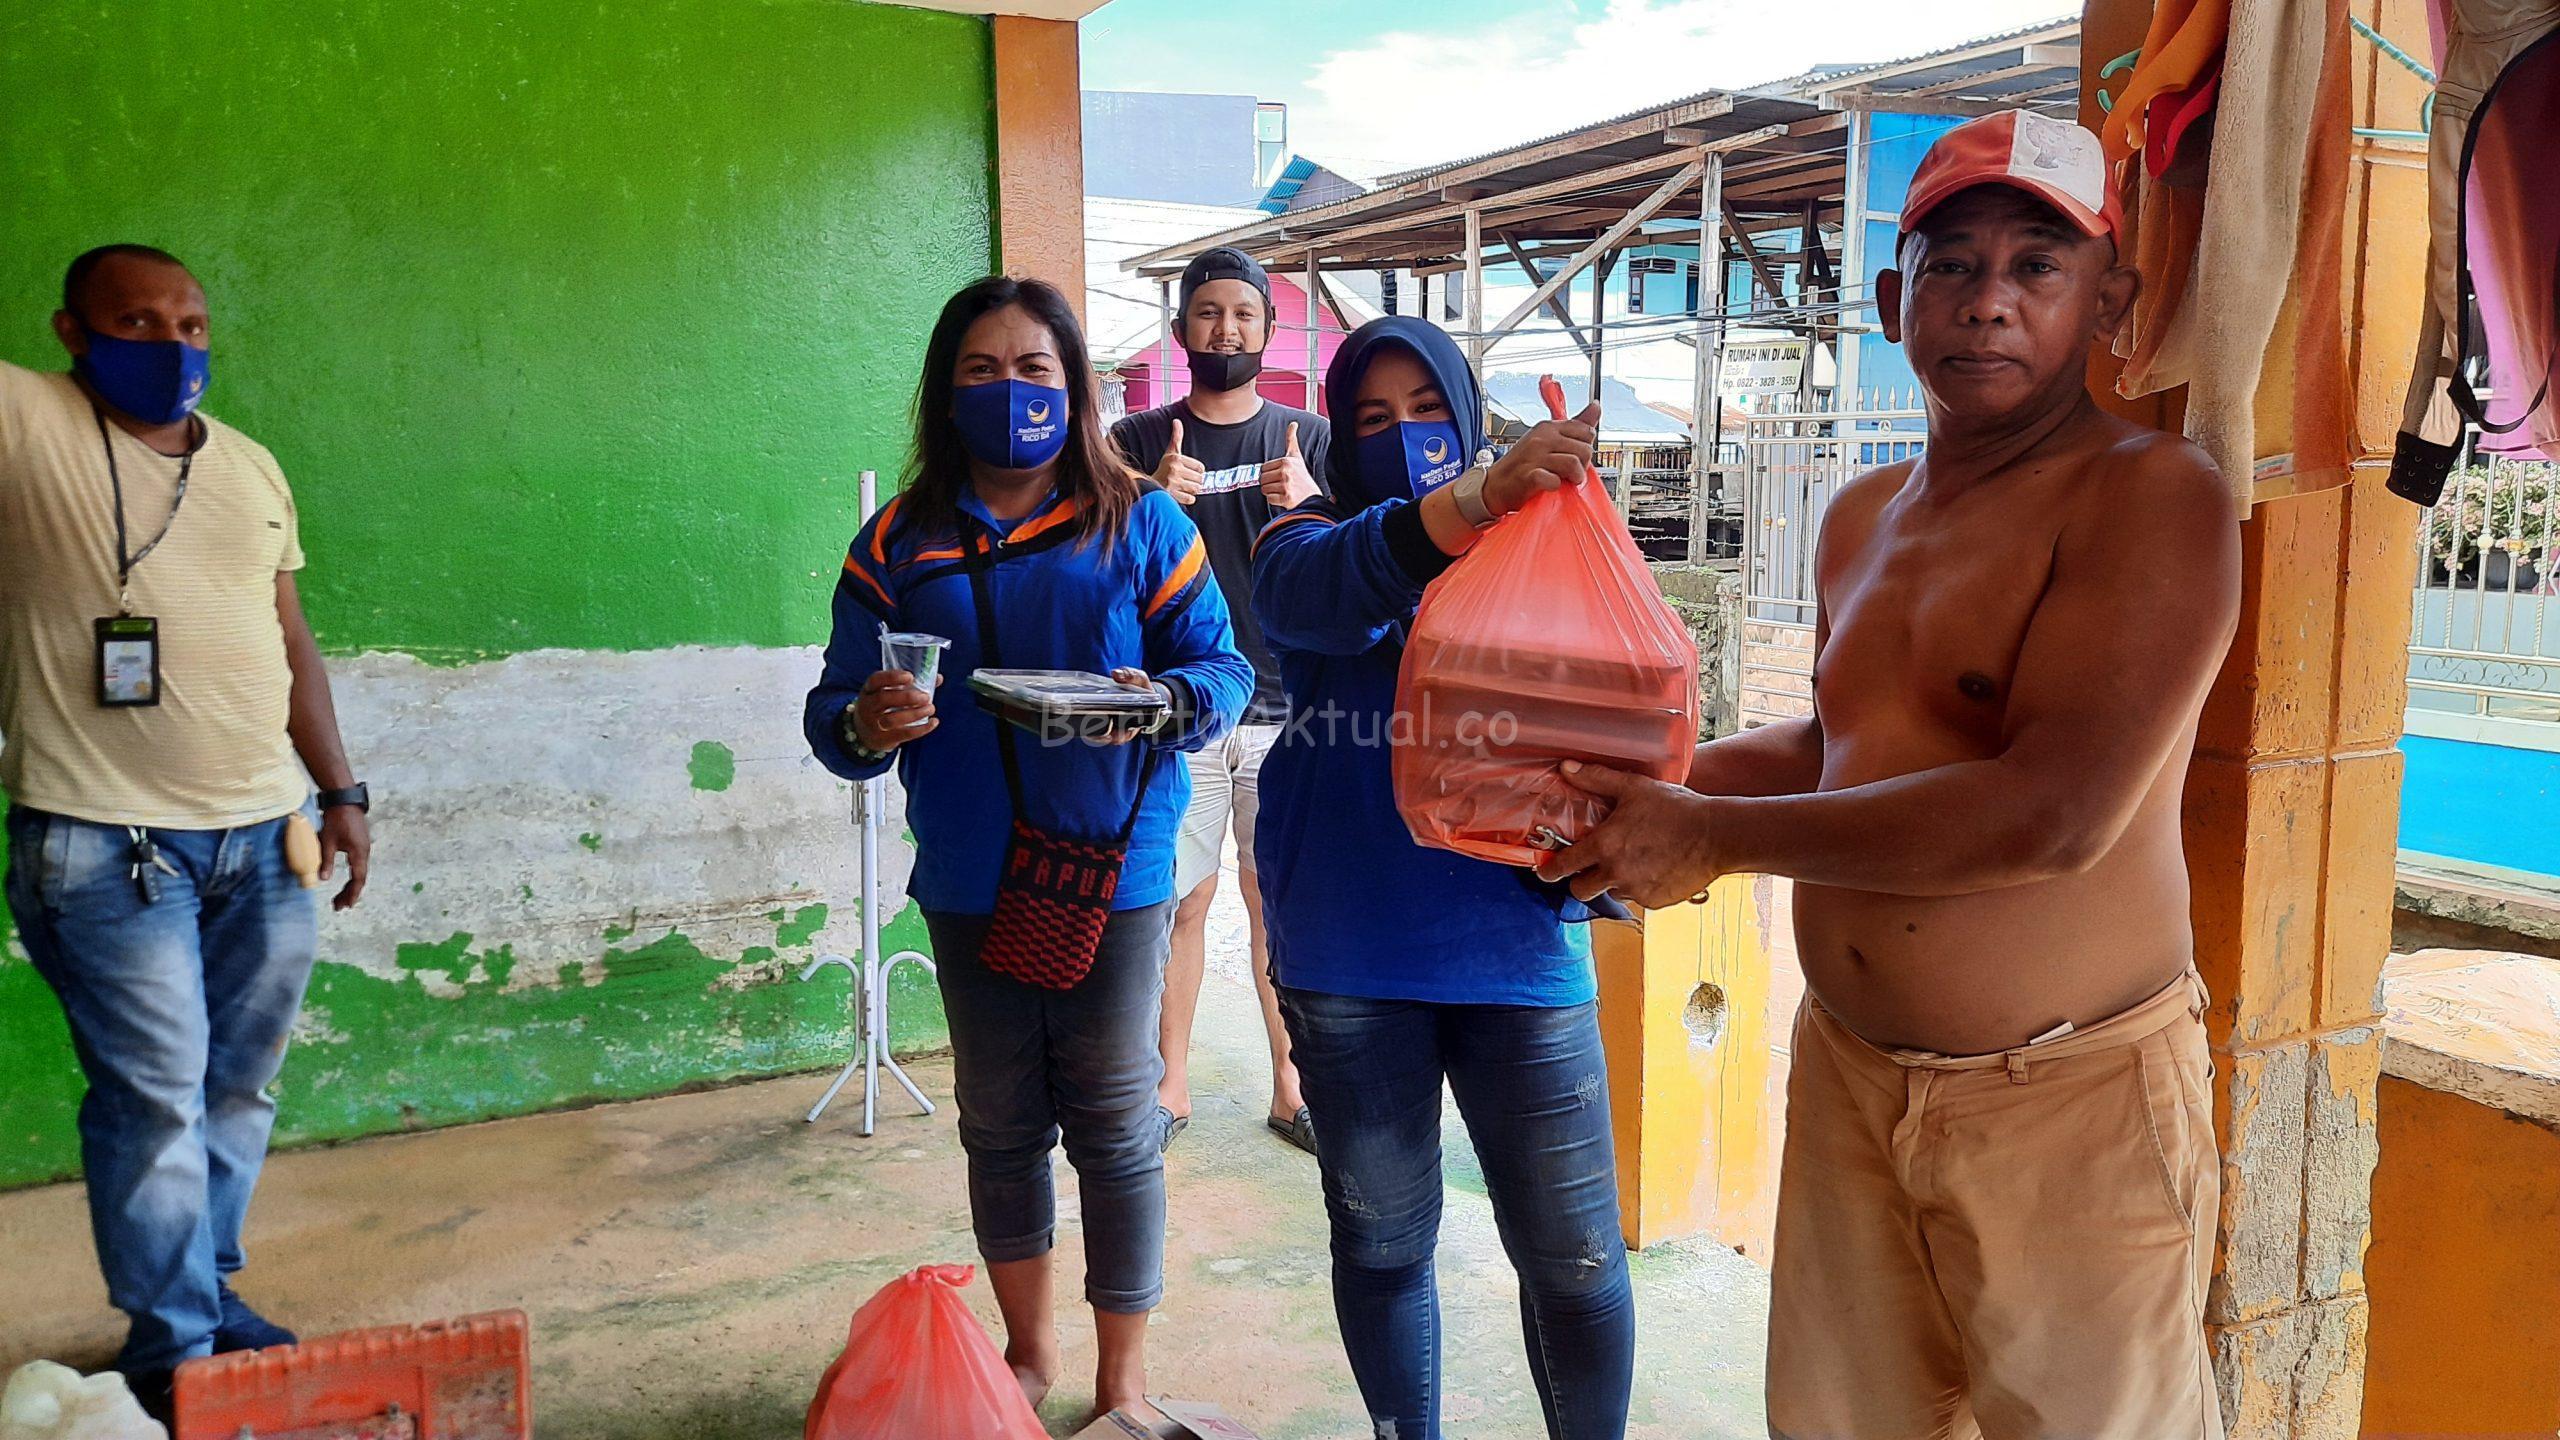 Peduli Korban Banjir, Sahabat Rico Sia Bagi Ribuan Nasi Kotak 4 20200717 141637 scaled